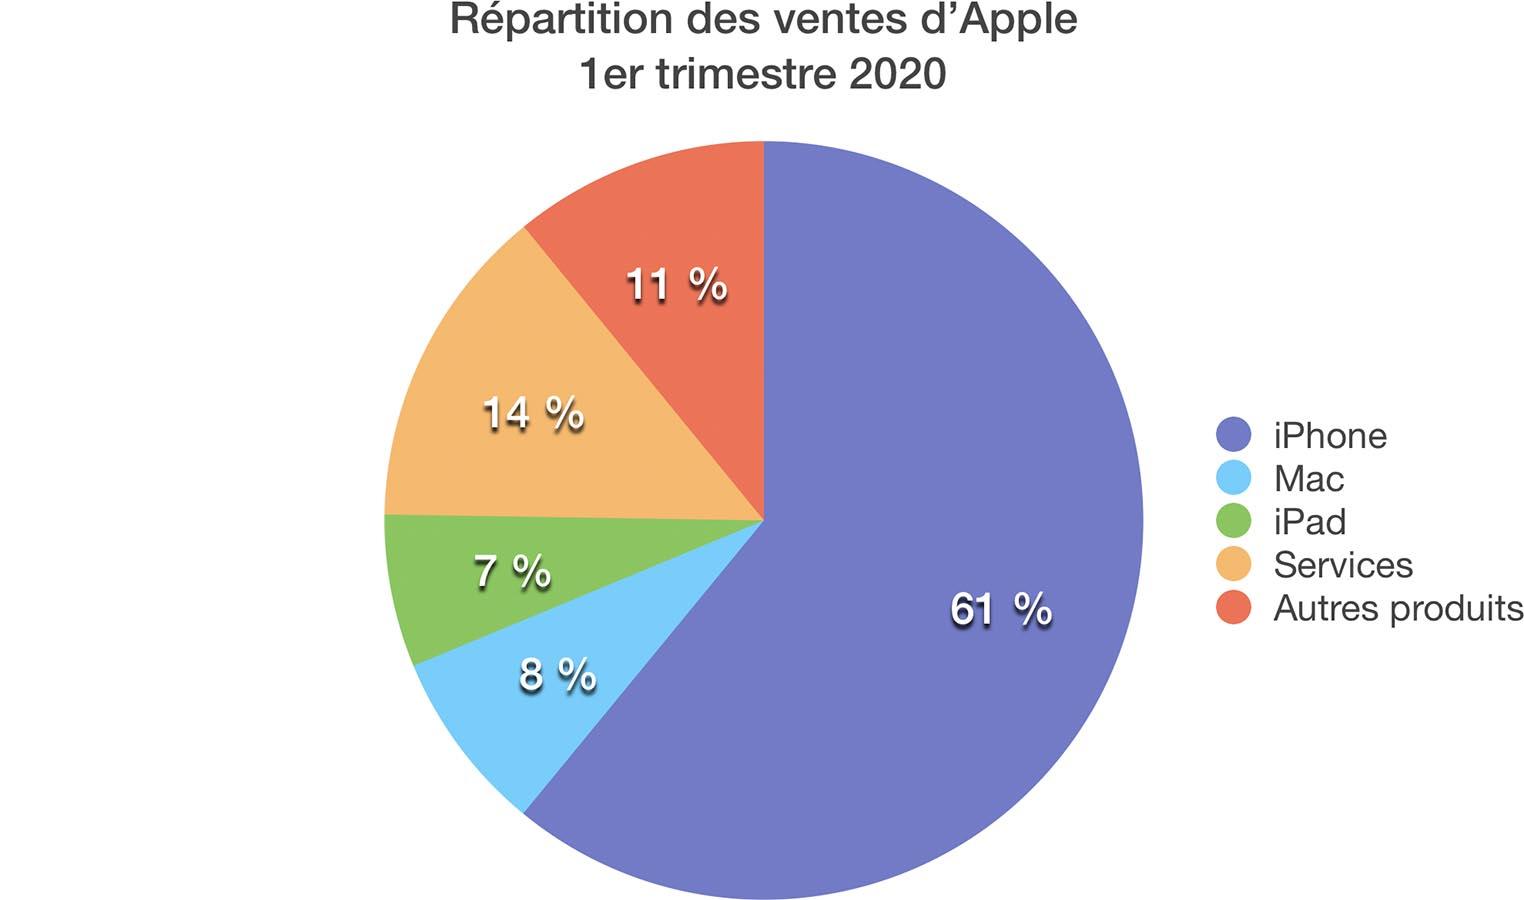 Résultats Apple Q1 2020 répartition